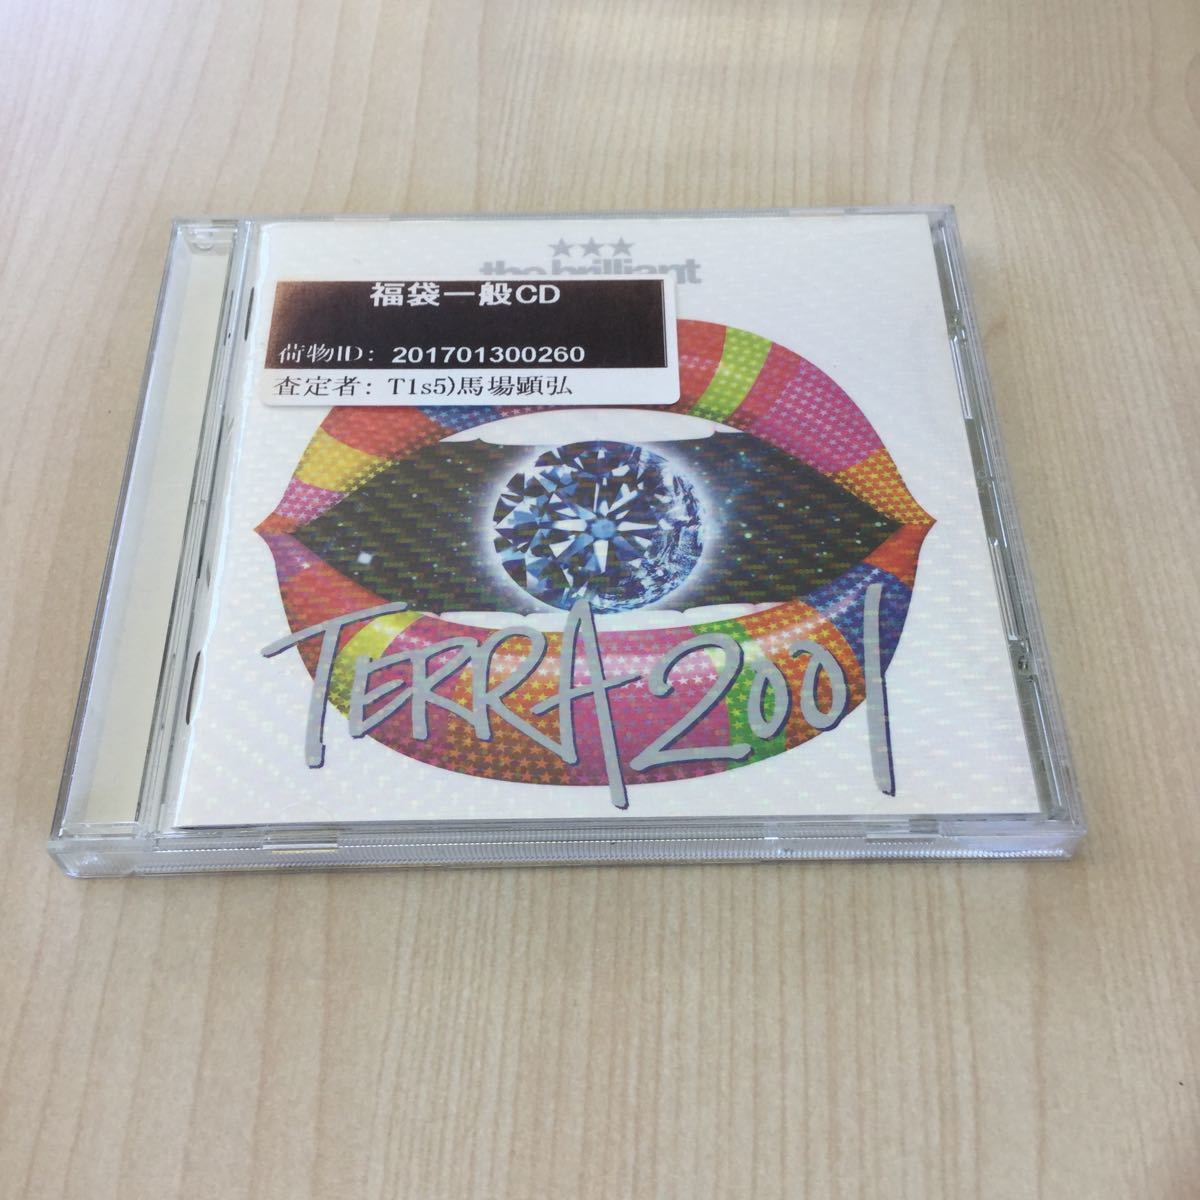 【中古品】アルバム CD the brilliant green TERRA2001 SRCL 4600_画像1